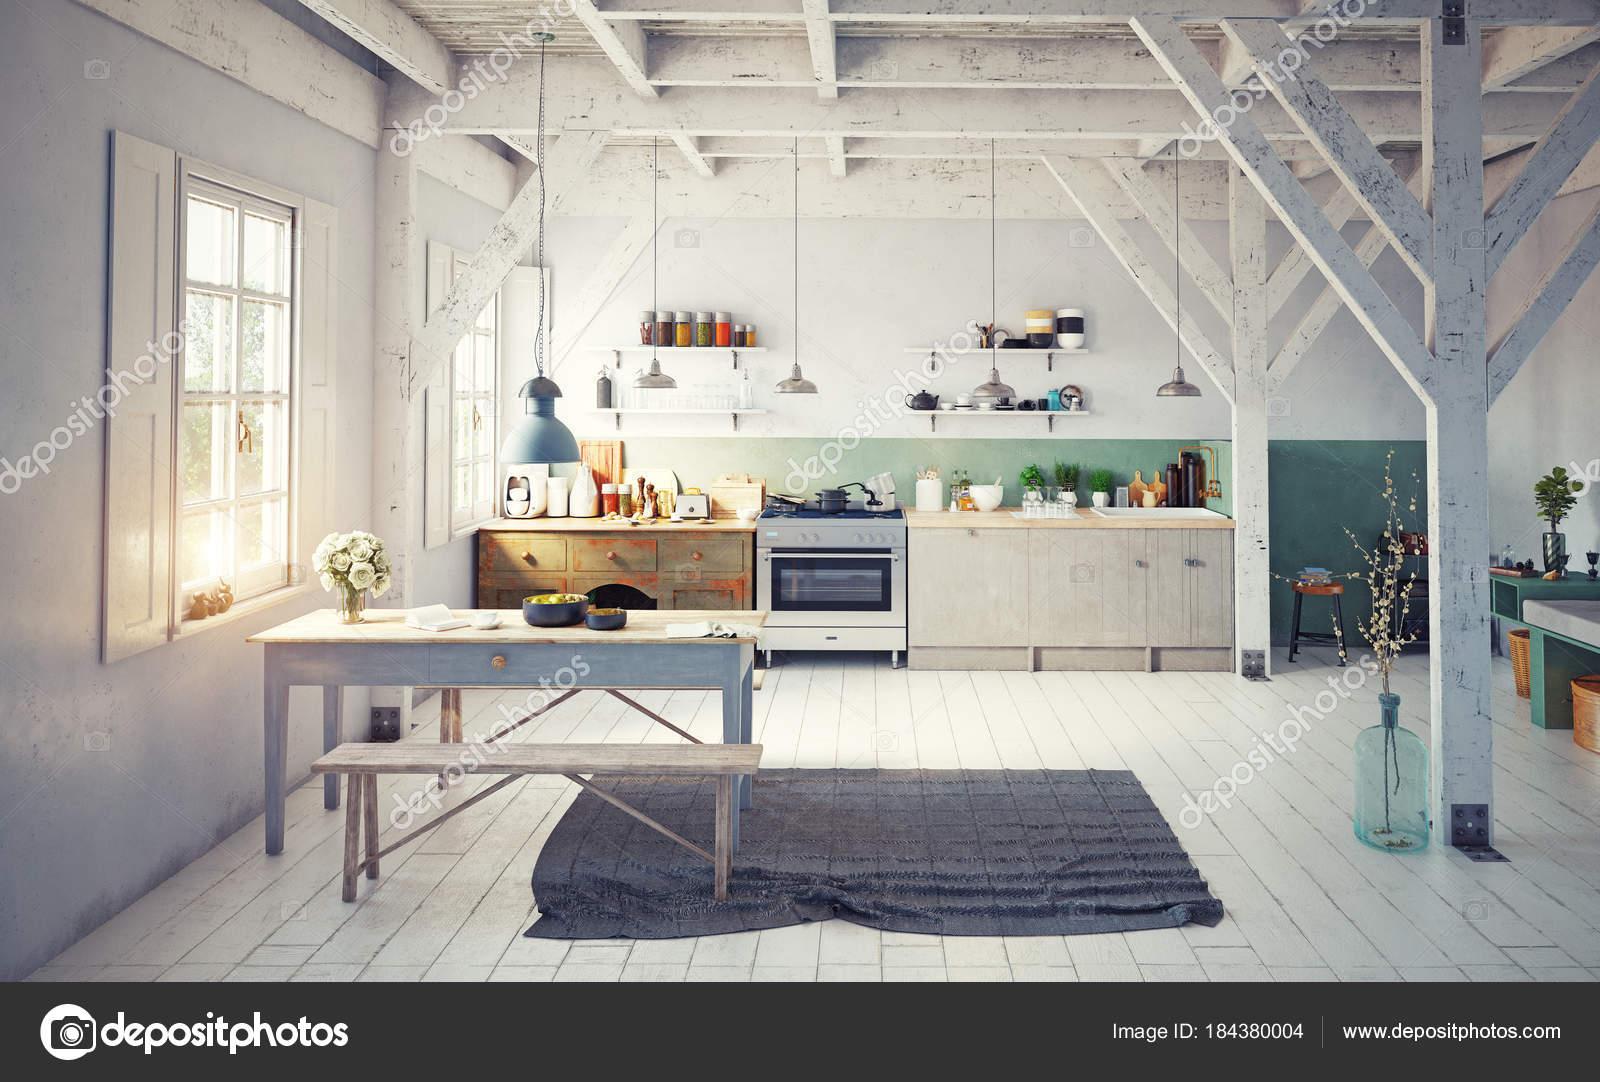 Vorderansicht Des Vintage Stil Küche Interieur Mit Holztisch Der ...